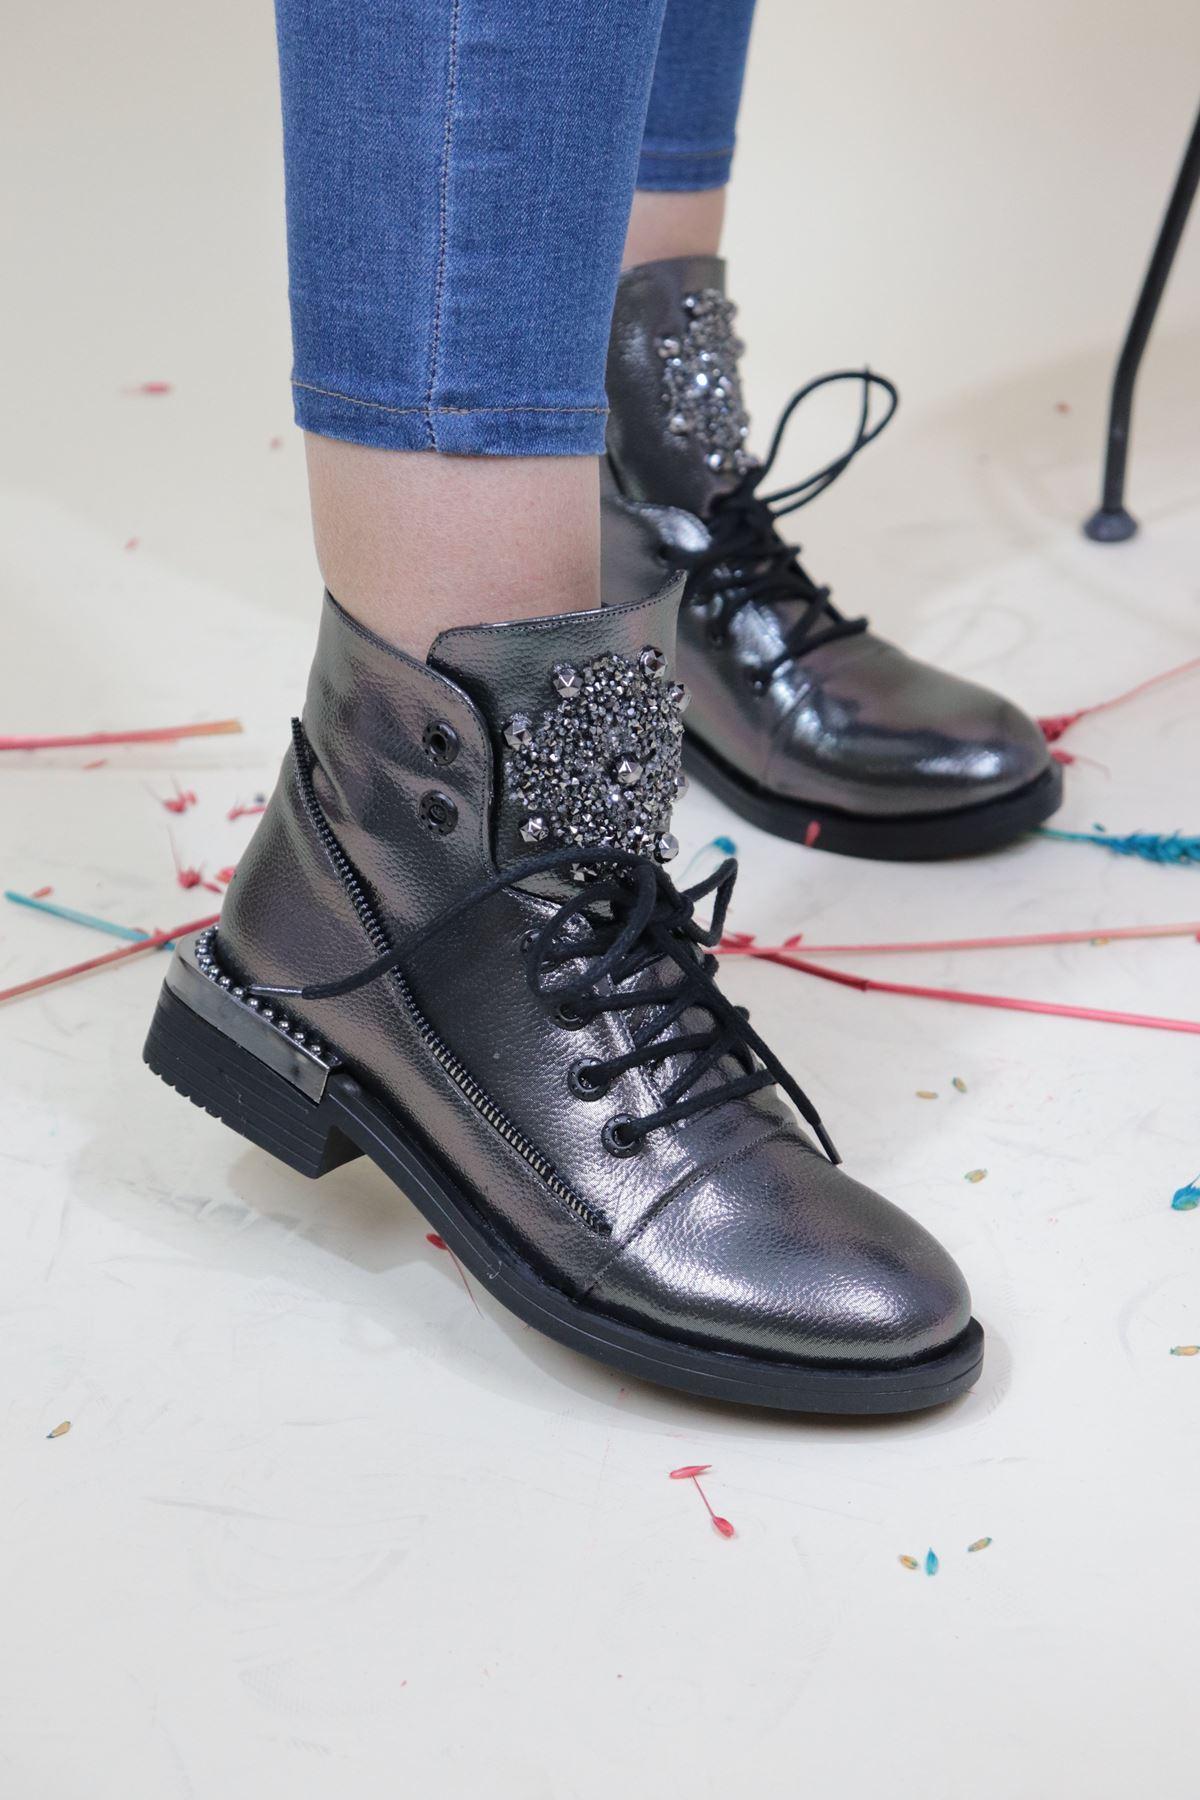 Trendayakkabi - Platin Bileği Zımbalı Kadın Bot